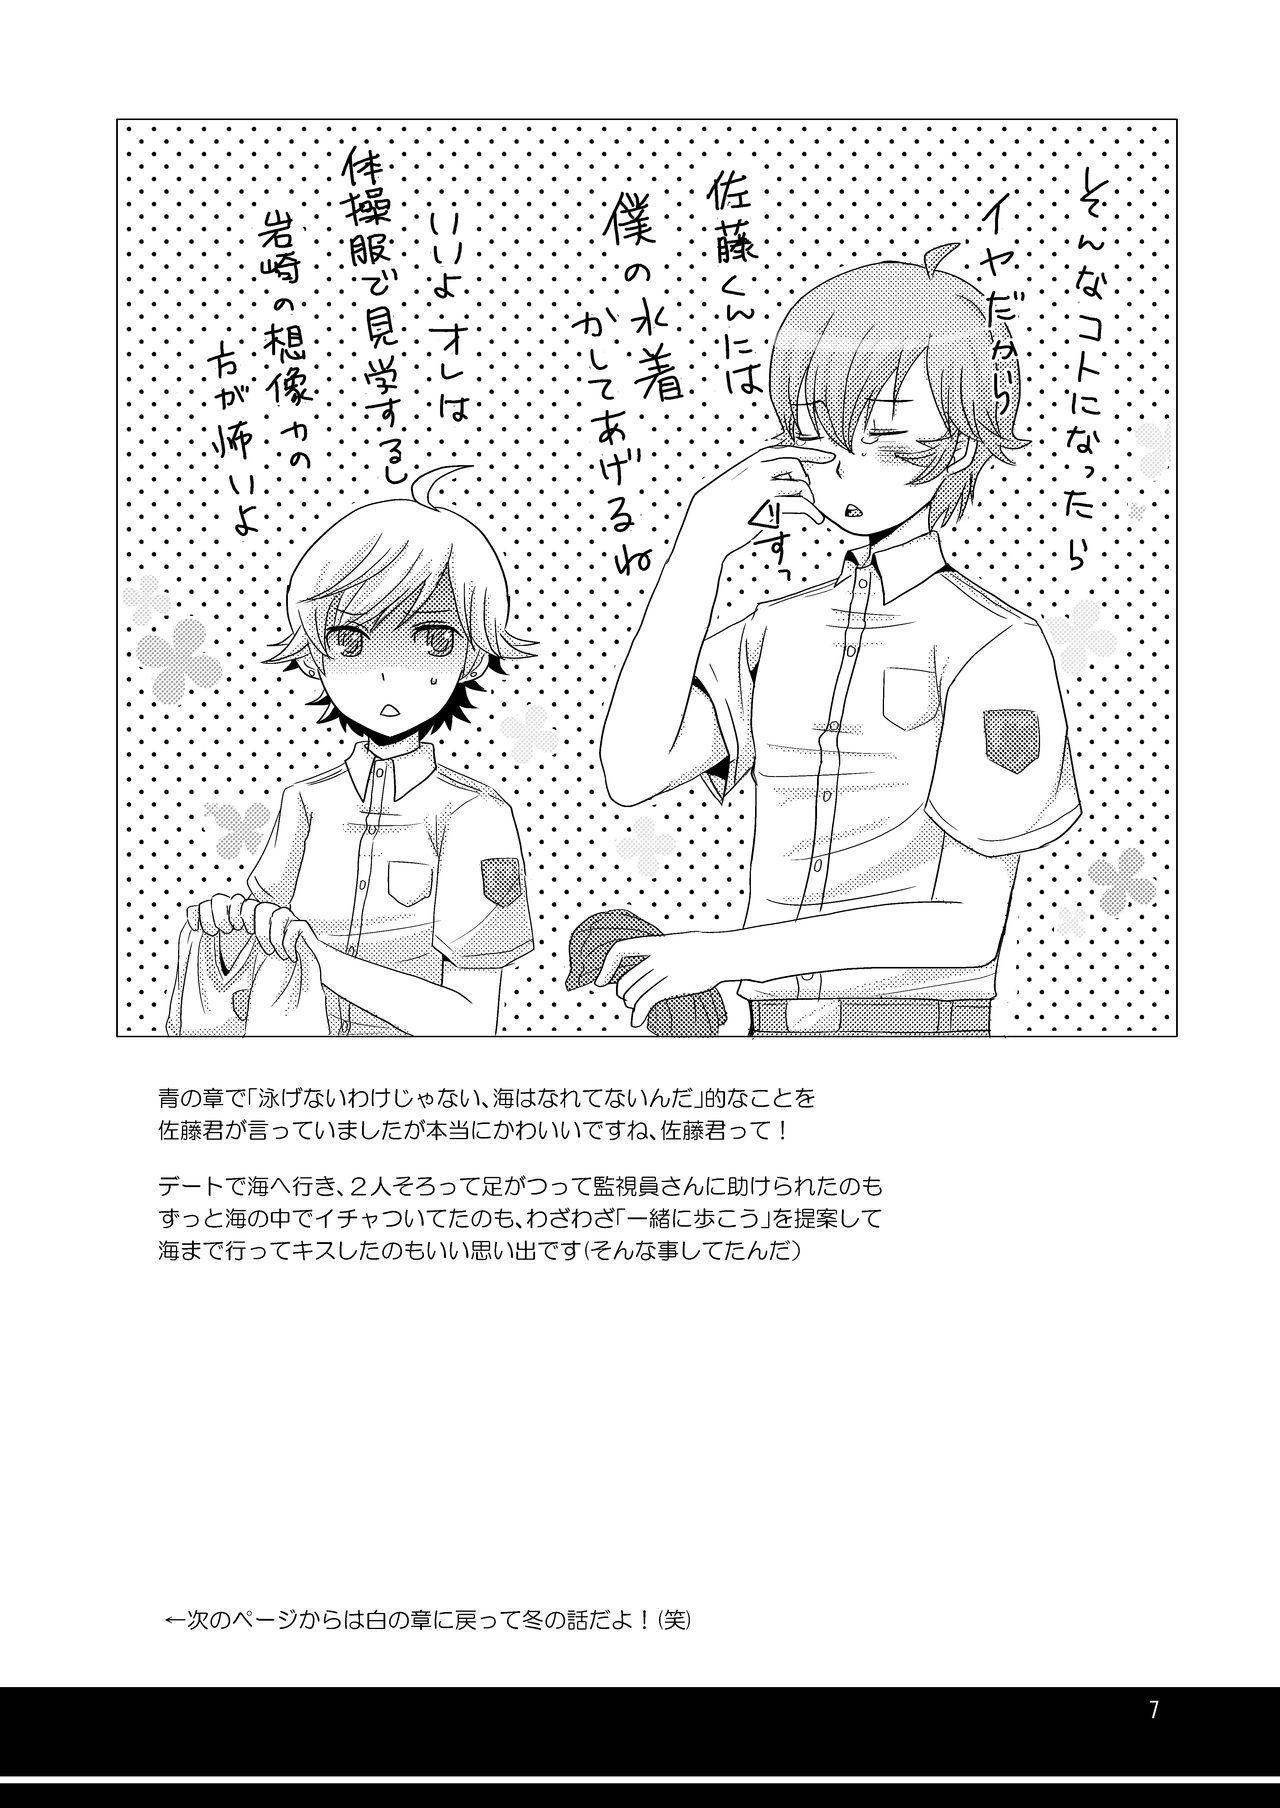 Tenzoku Shonichi ni Enei Taikai 5